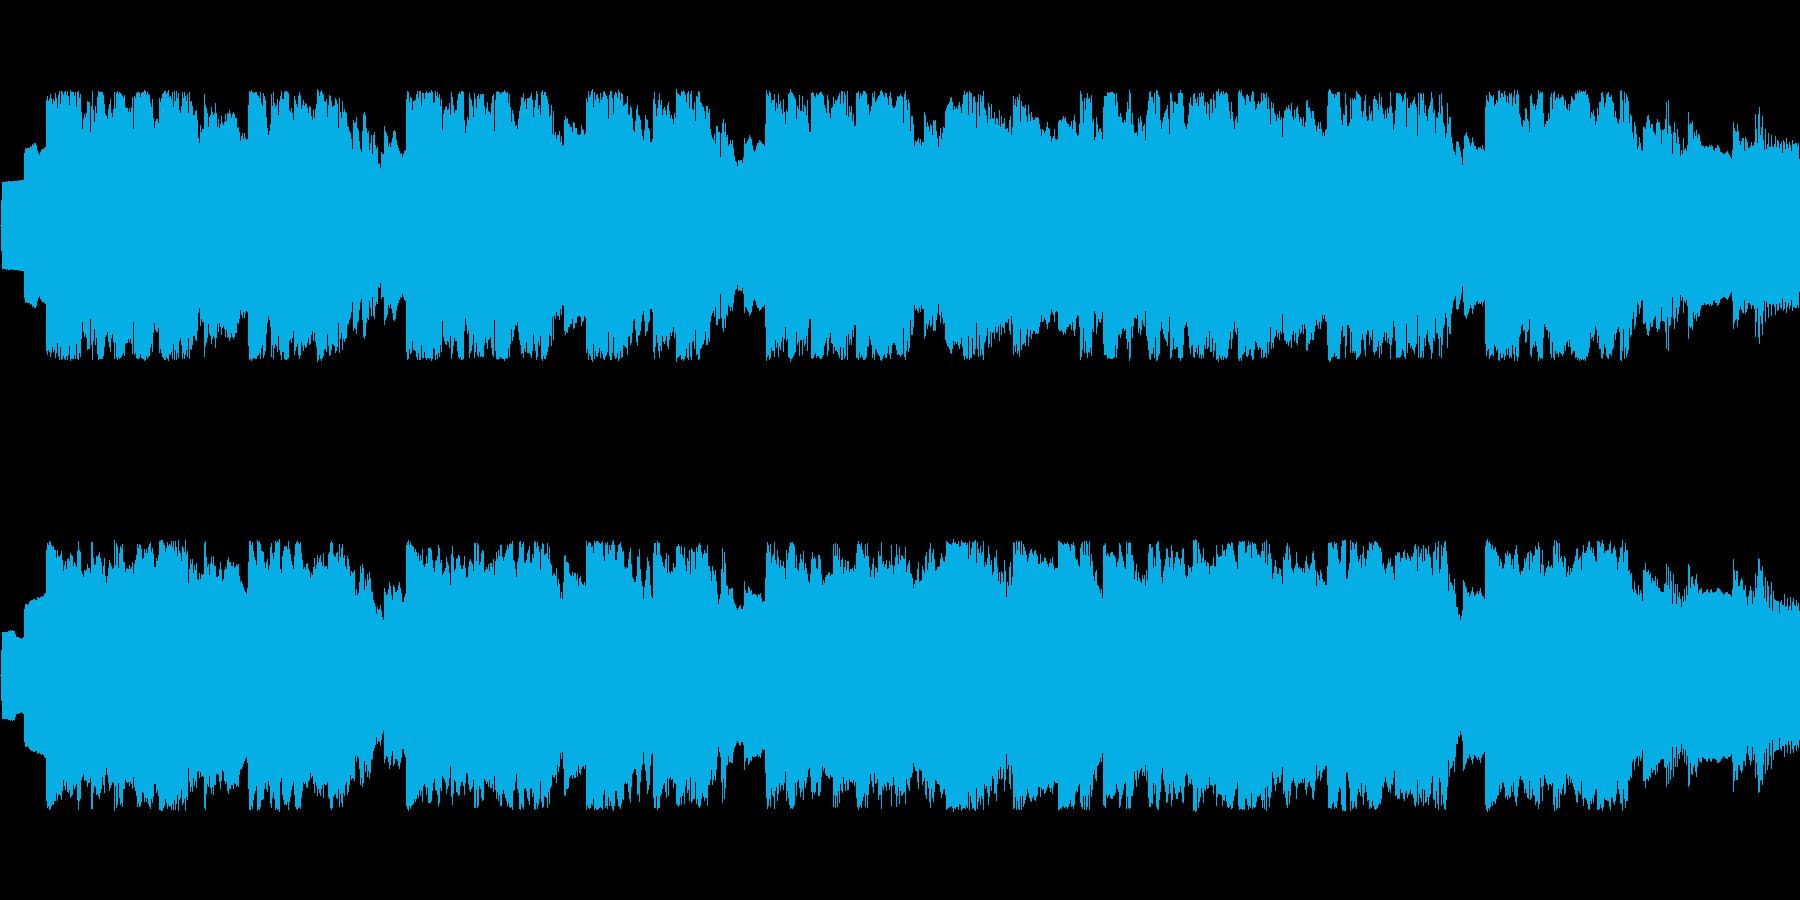 ゆったり温かい雰囲気のチップチューンの再生済みの波形